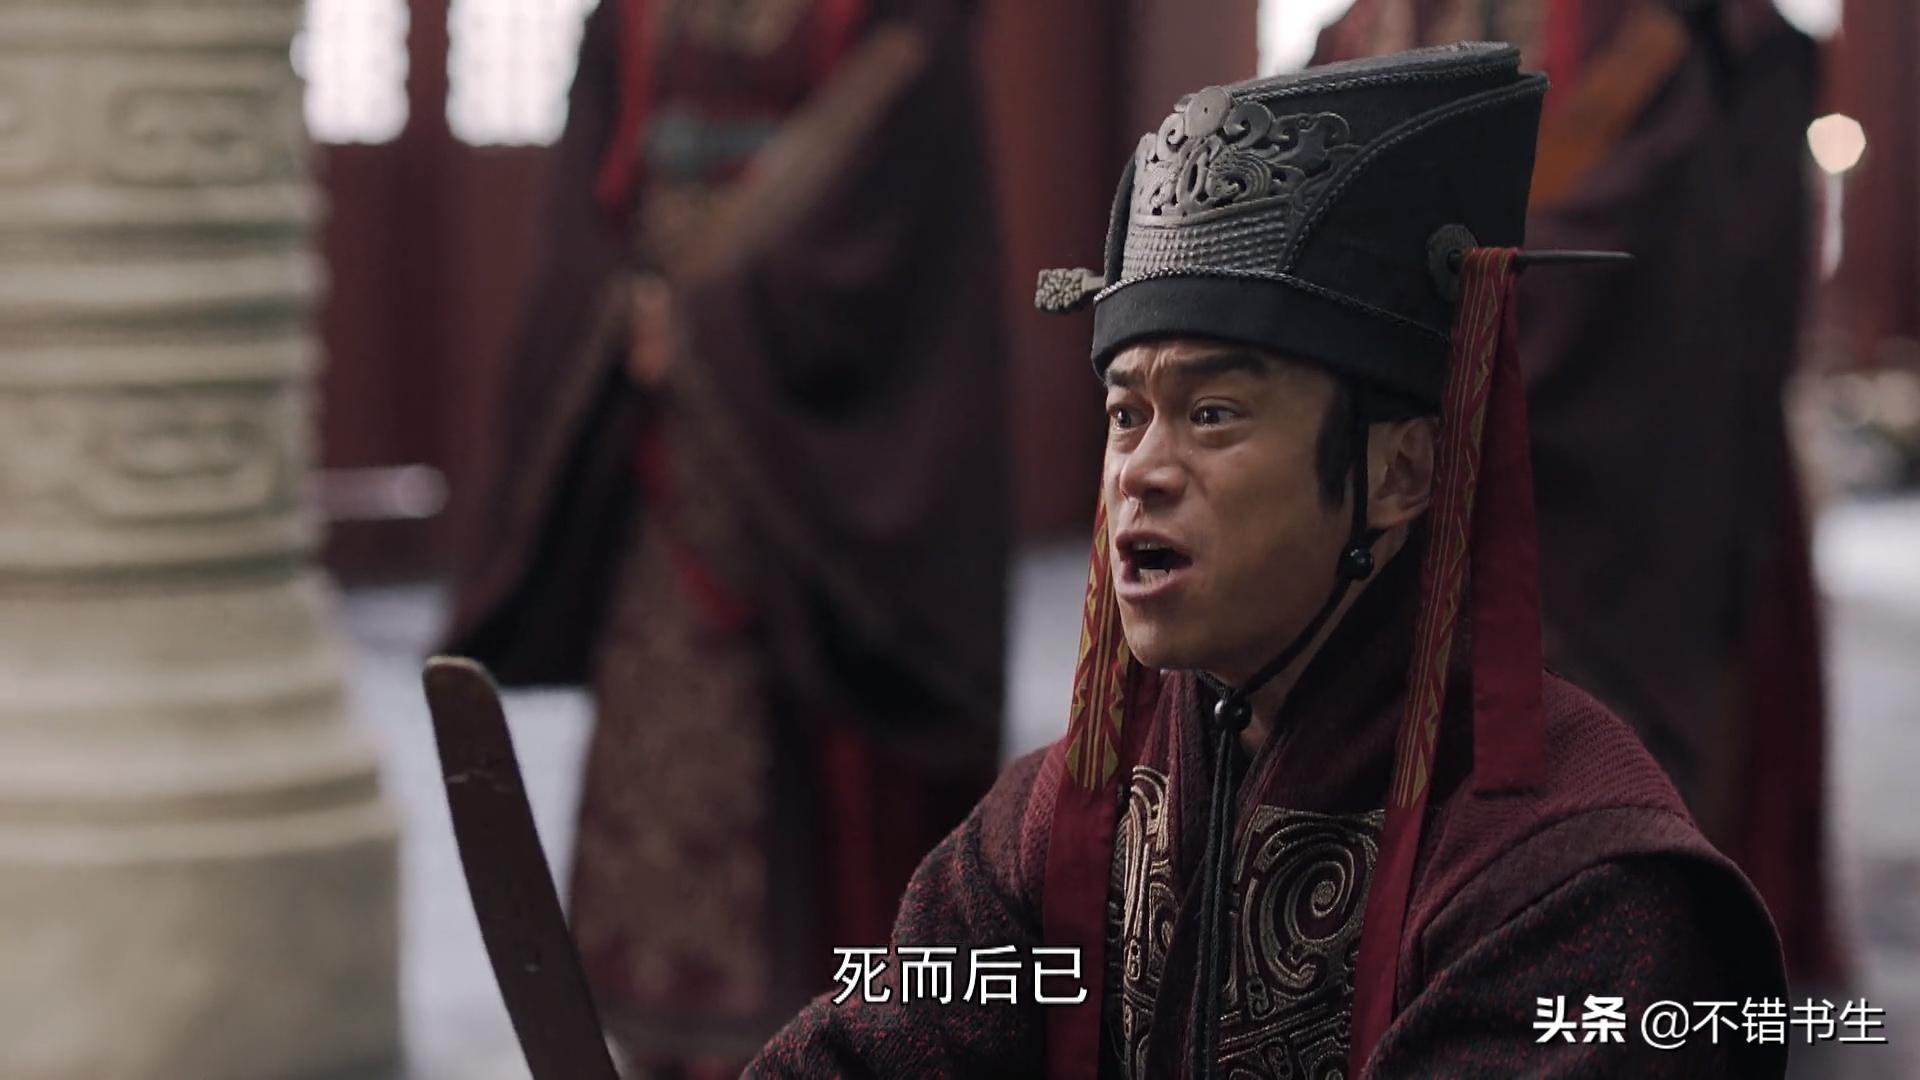 大秦赋:逼走廉颇害死李牧,郭开是赵国第一宠臣吗?背后还有一人